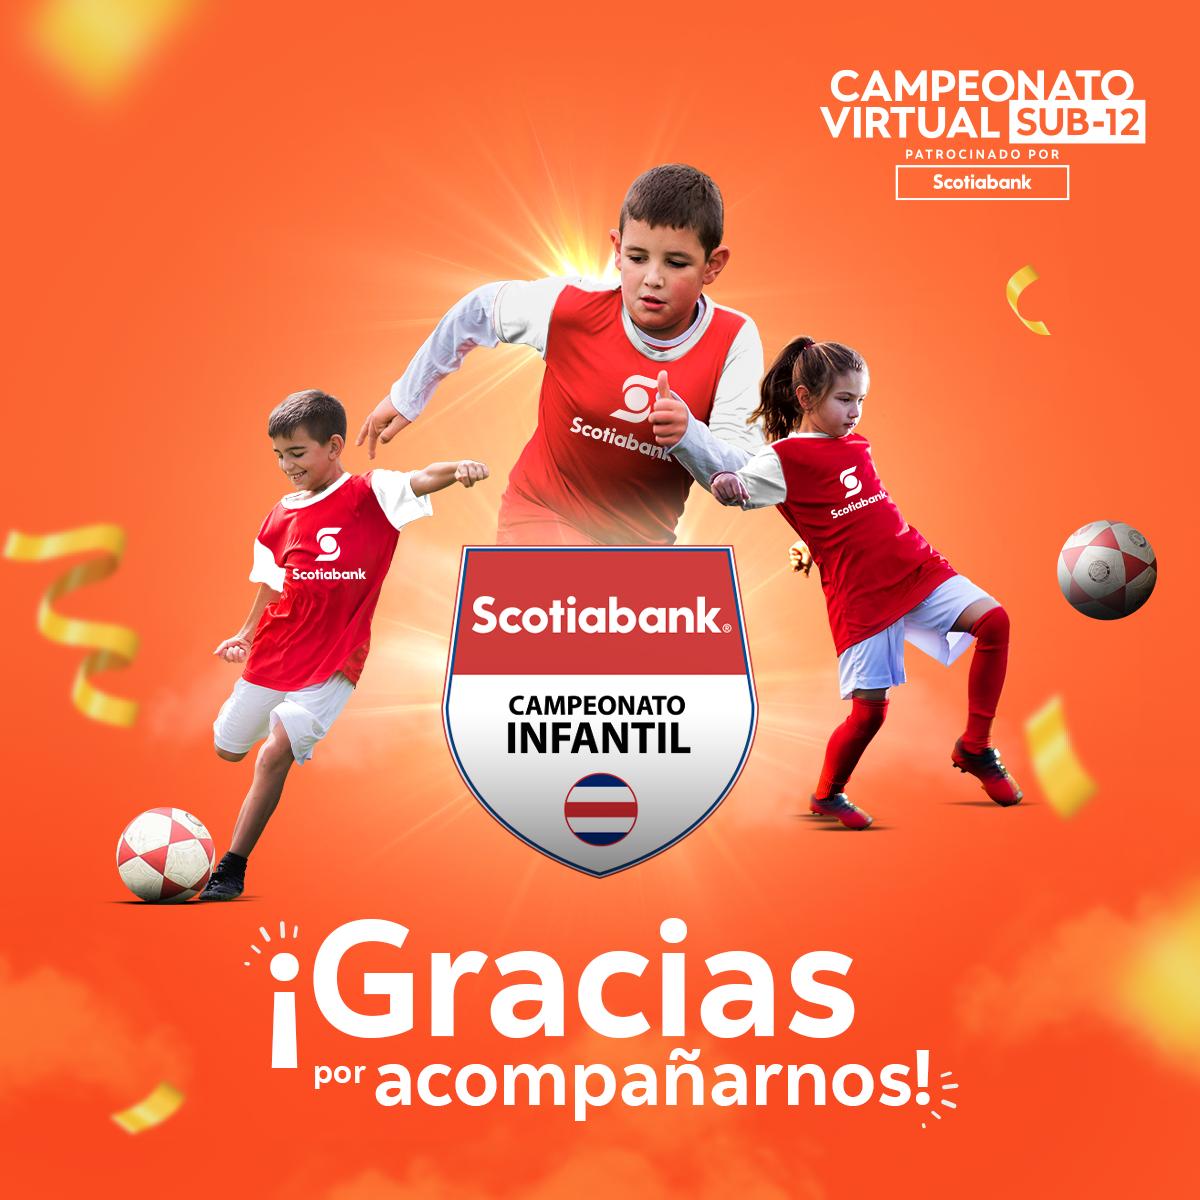 Escuela josefina obtiene el título del Campeonato Virtual Sub-12 patrocinado por Scotiabank